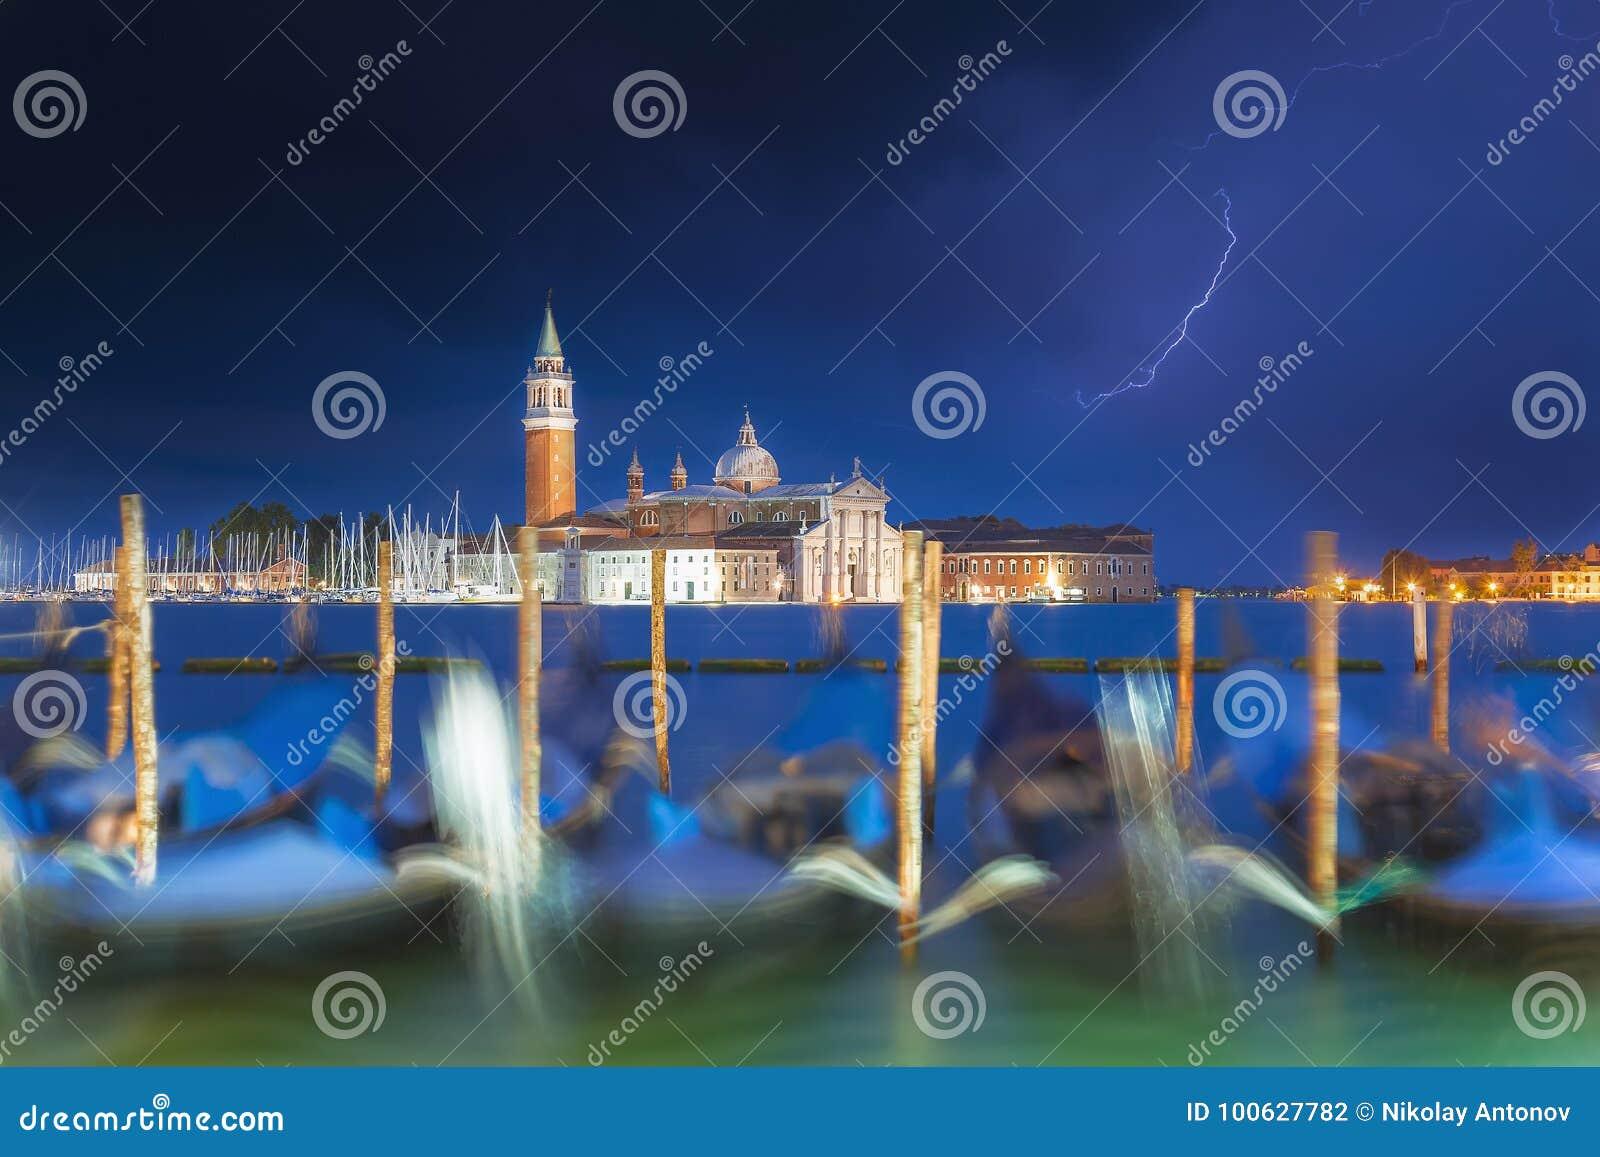 Église et gondoles de San Giorgio Maggiore à Venise, Italie pendant l heure bleue avec le ciel dramatique et l éclairage Foyer su